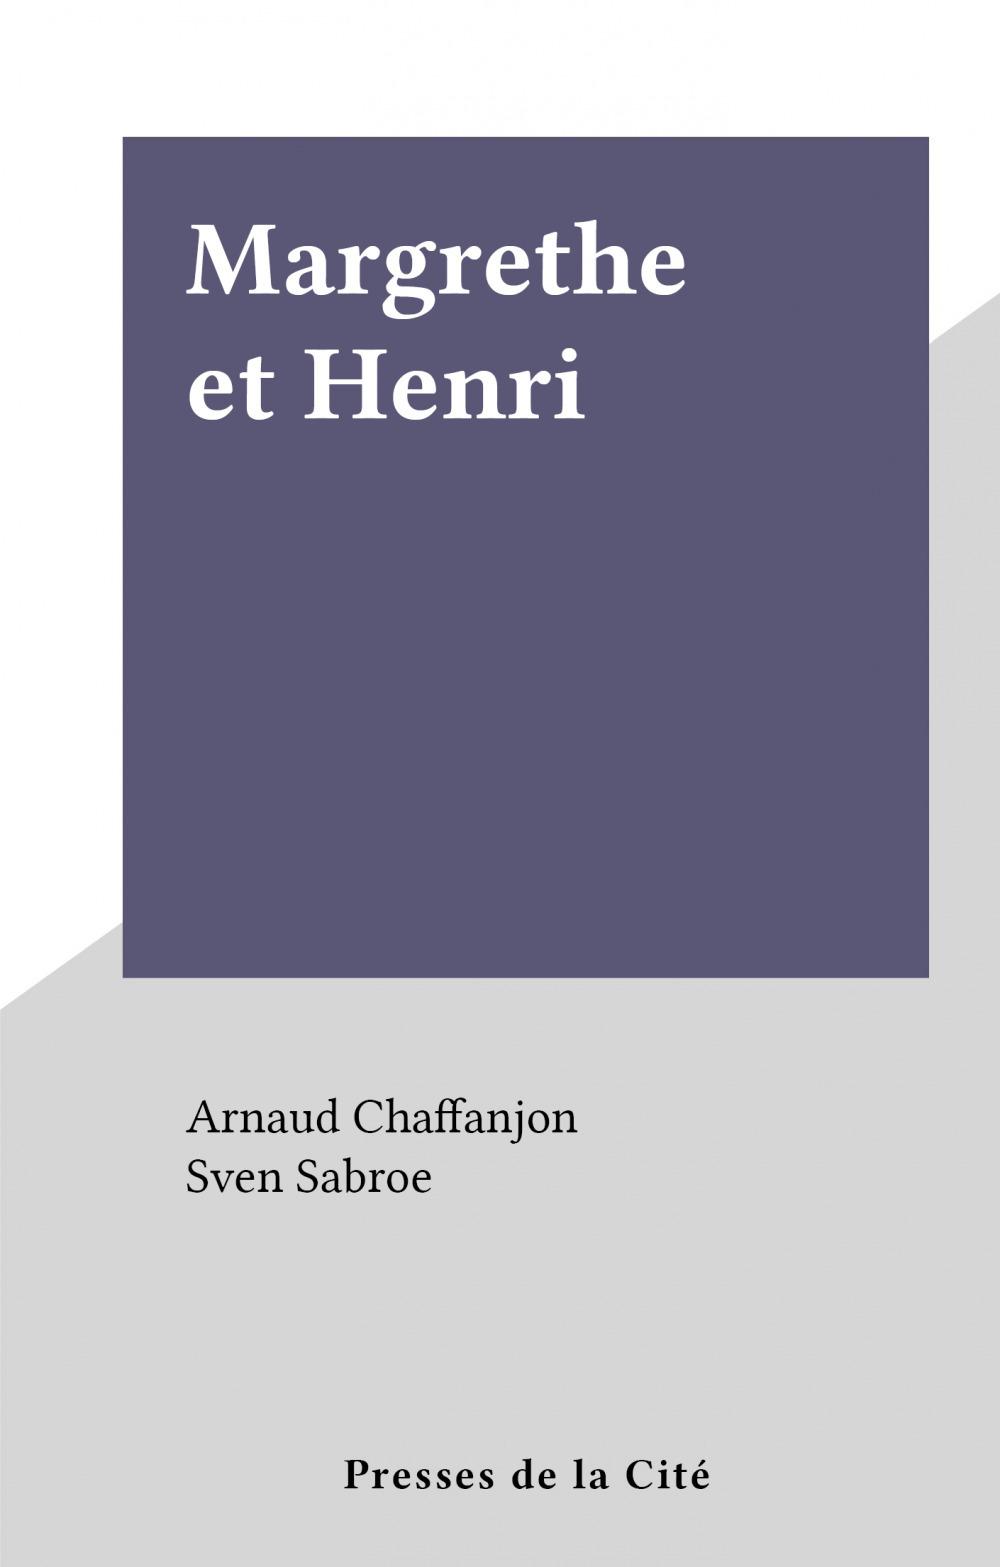 Margrethe et Henri